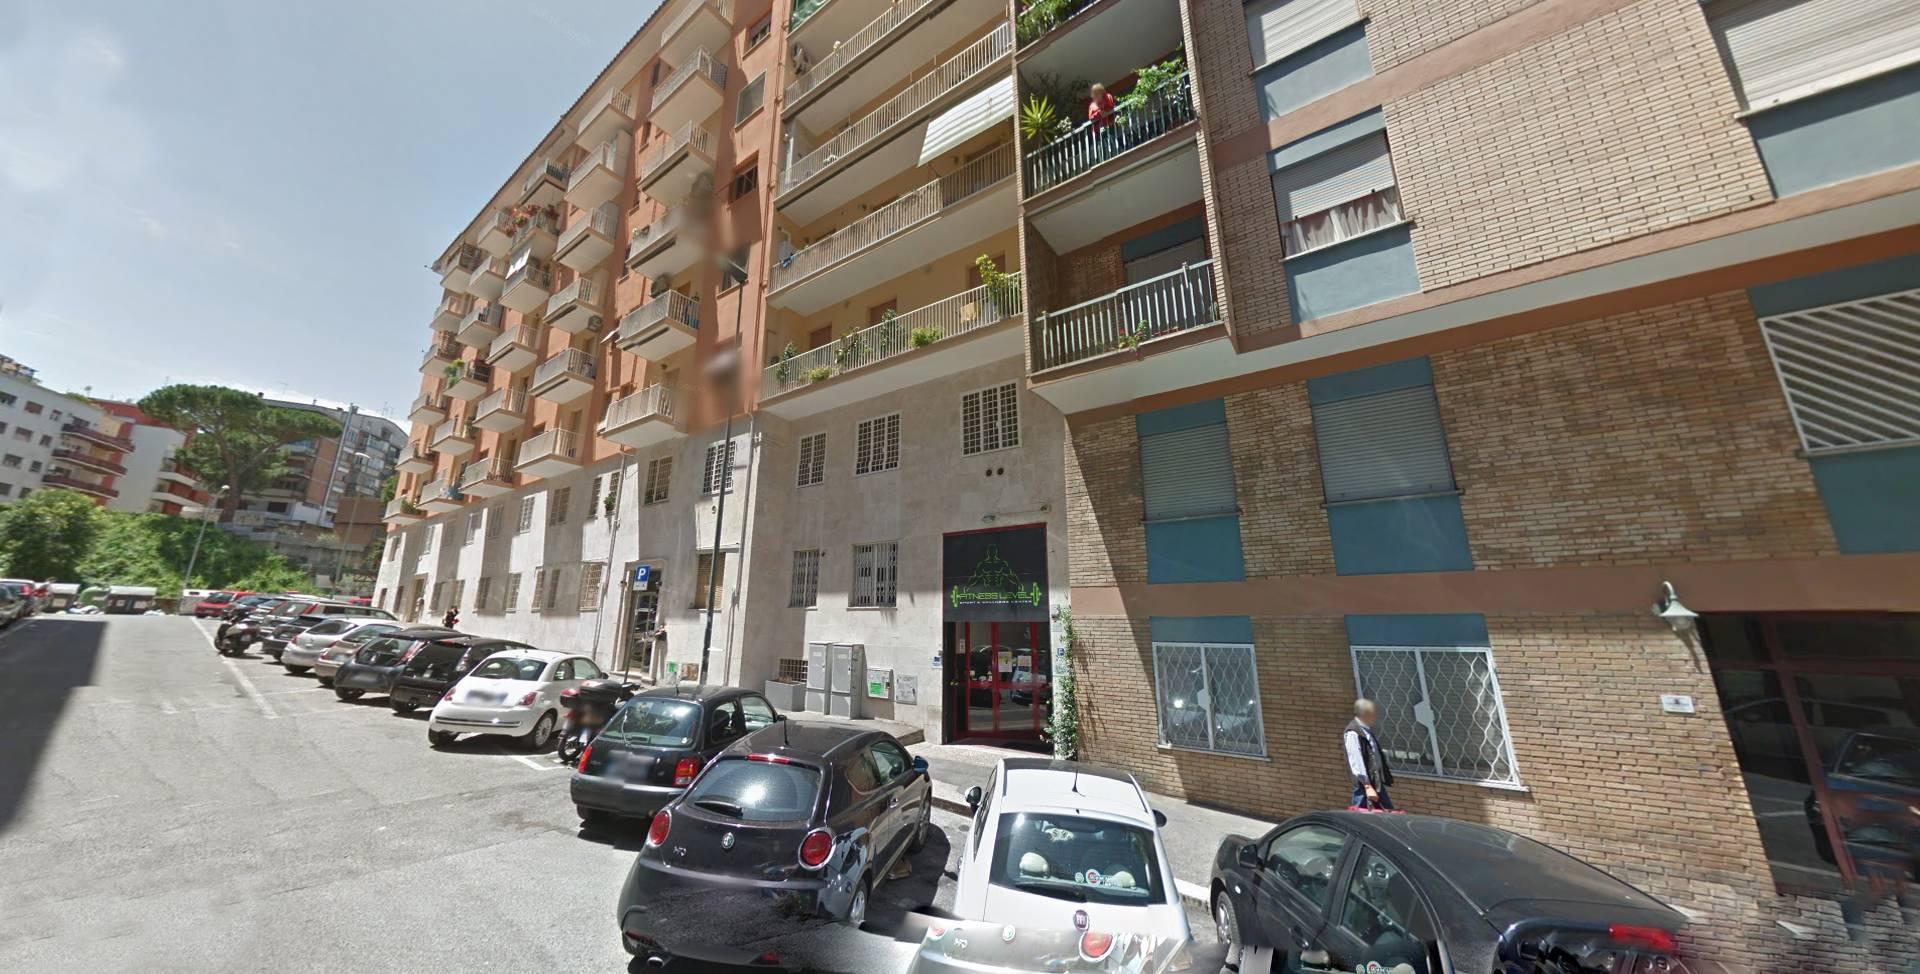 Cbi072 ex649 locale commerciale in vendita a roma for Immobili c1 roma